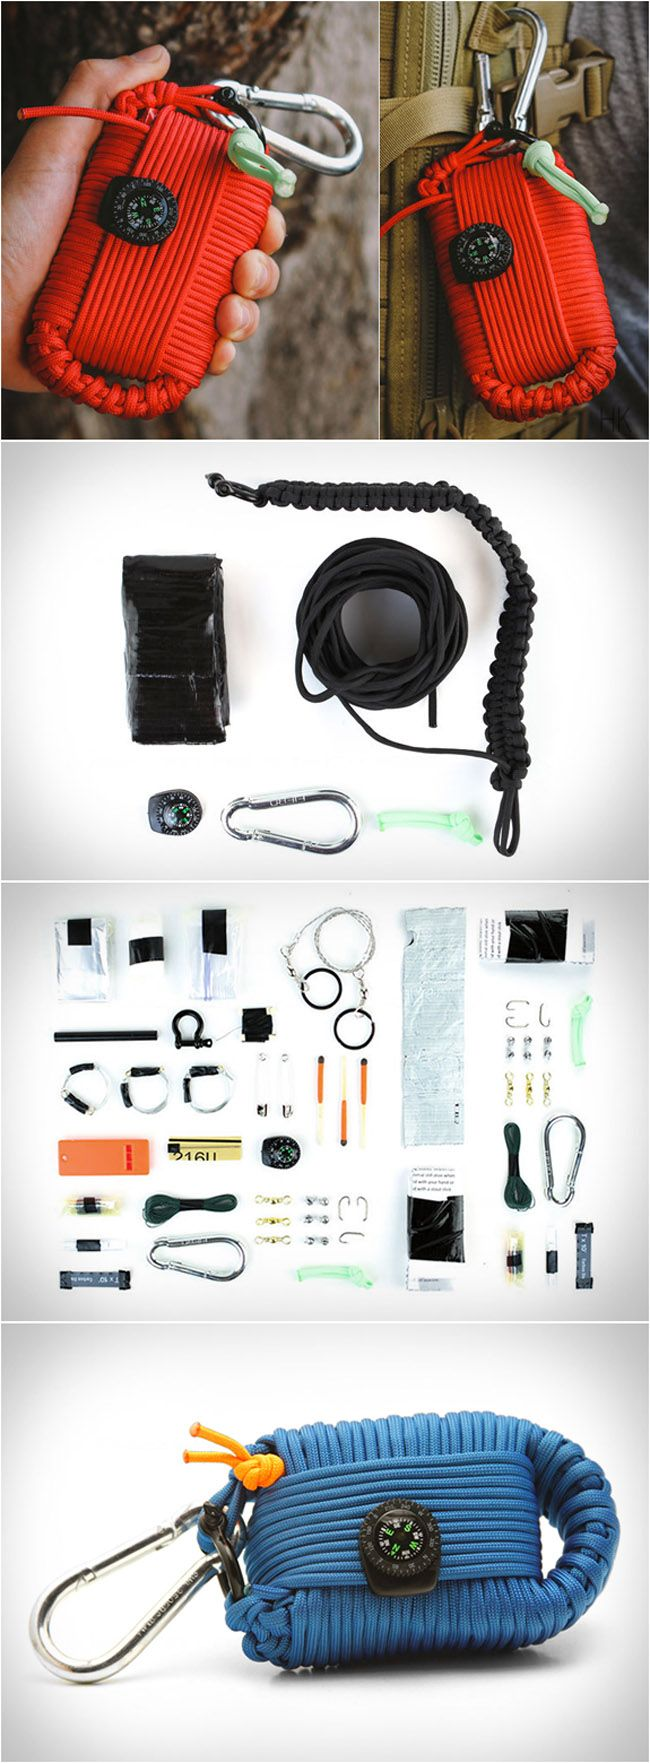 SURVIVAL GRENADE | BY ZAPS GEAR http://www.blessthisstuff.com/stuff/wear/acessories/survival-grenade-by-zaps-gear/